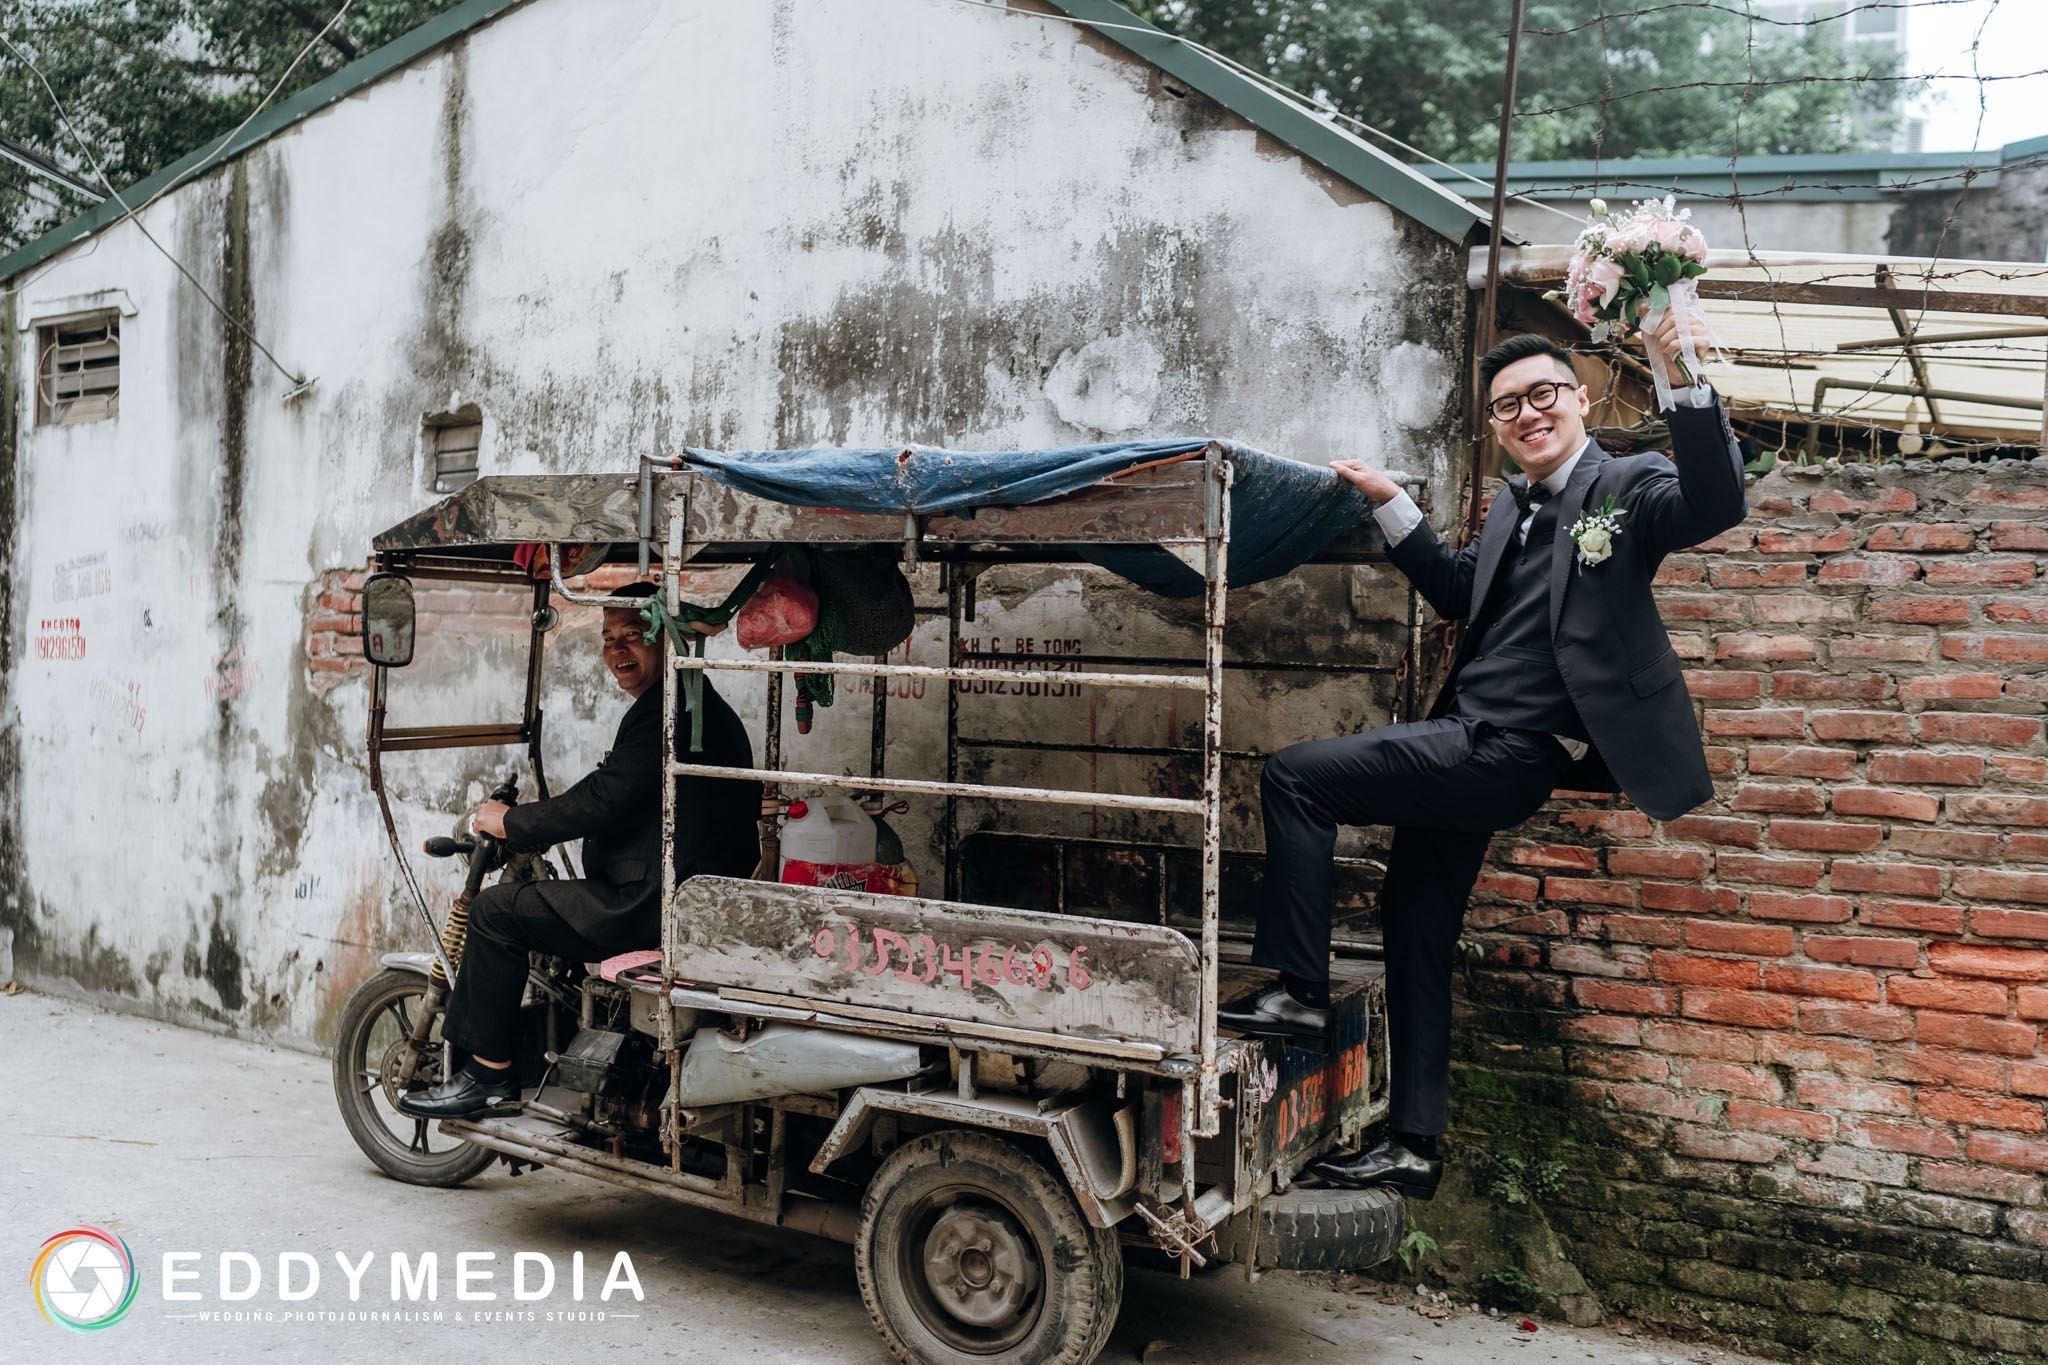 Phongsucuoi Vuduc KhanhLy EddyMedia 50 yêu người kém tuổi,lấy chồng kém tuổi,lấy chồng kém 10 tuổi